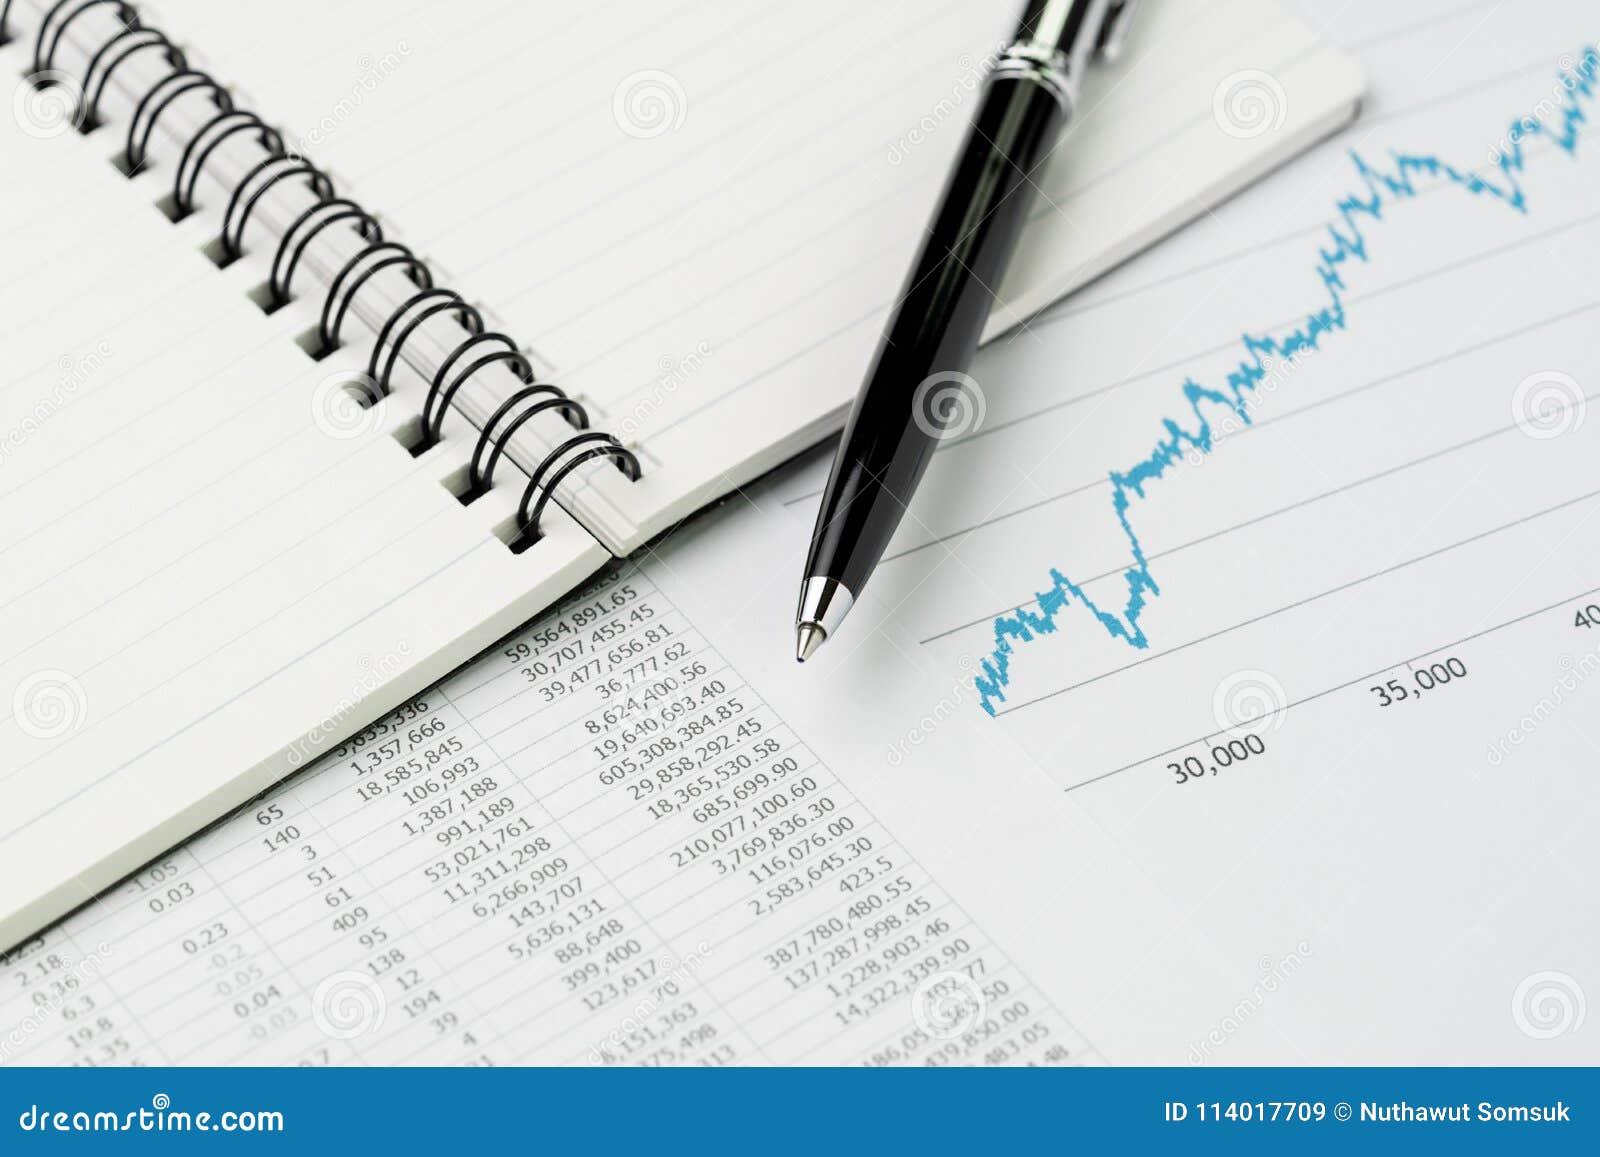 Comentario de rendimiento empresarial, presupuesto, economía o inversión concentrados